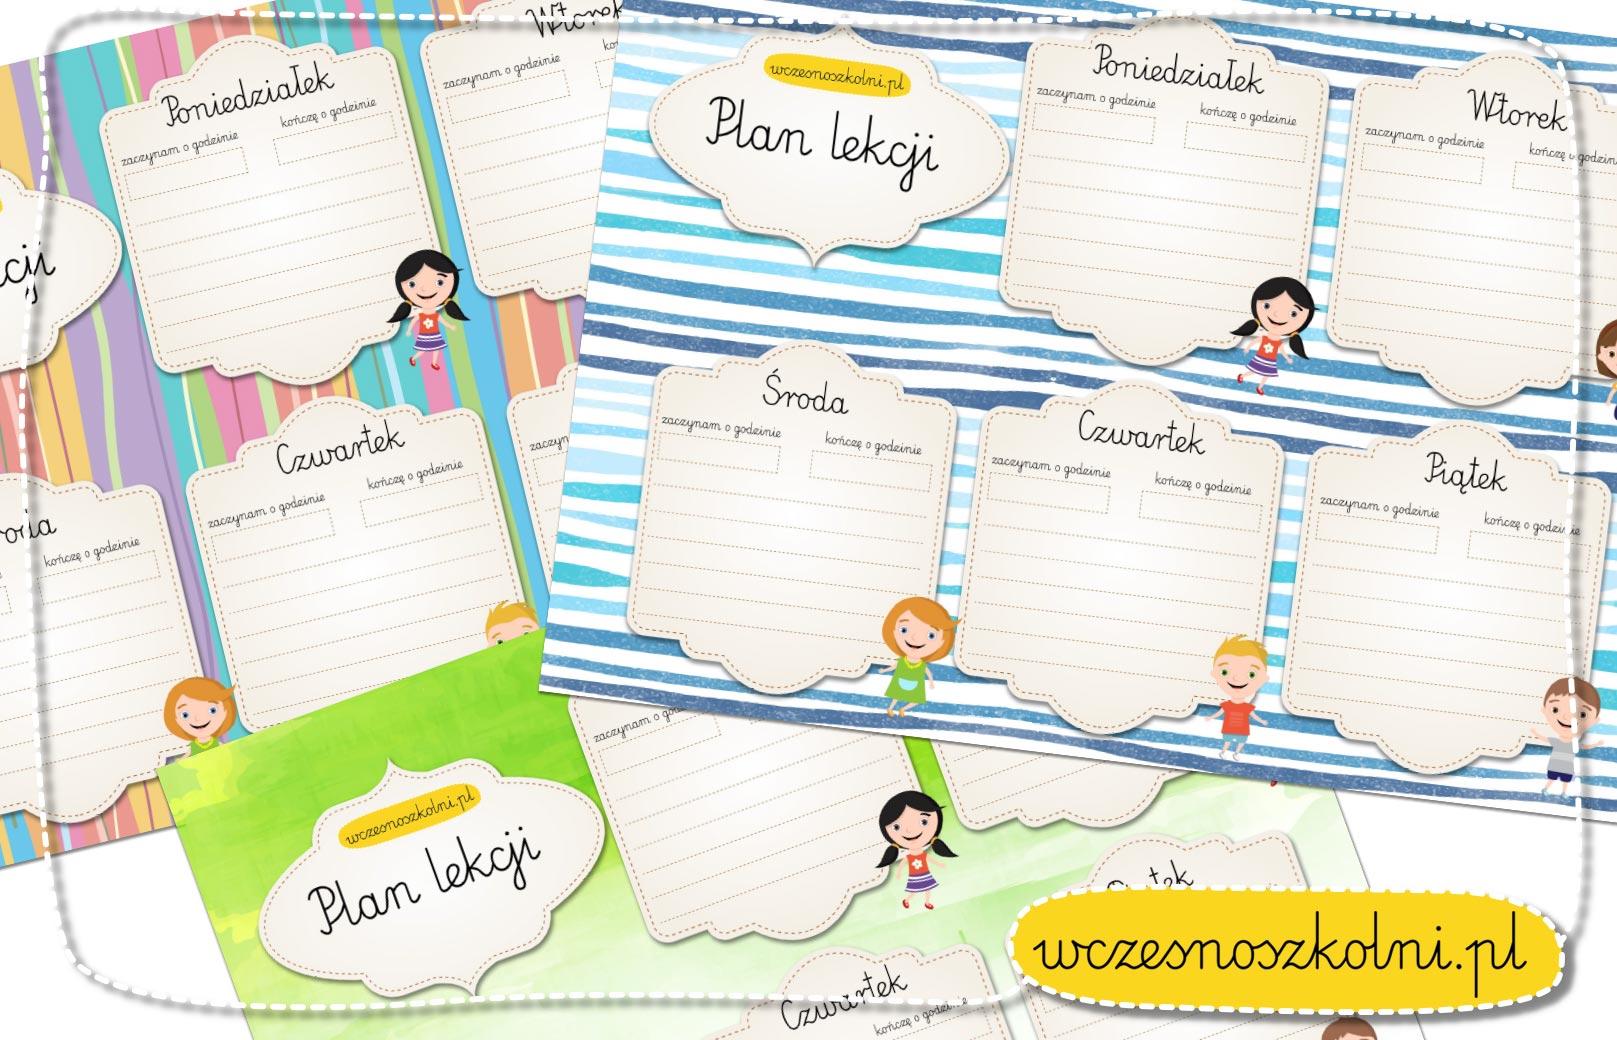 Plan lekcji - szablon